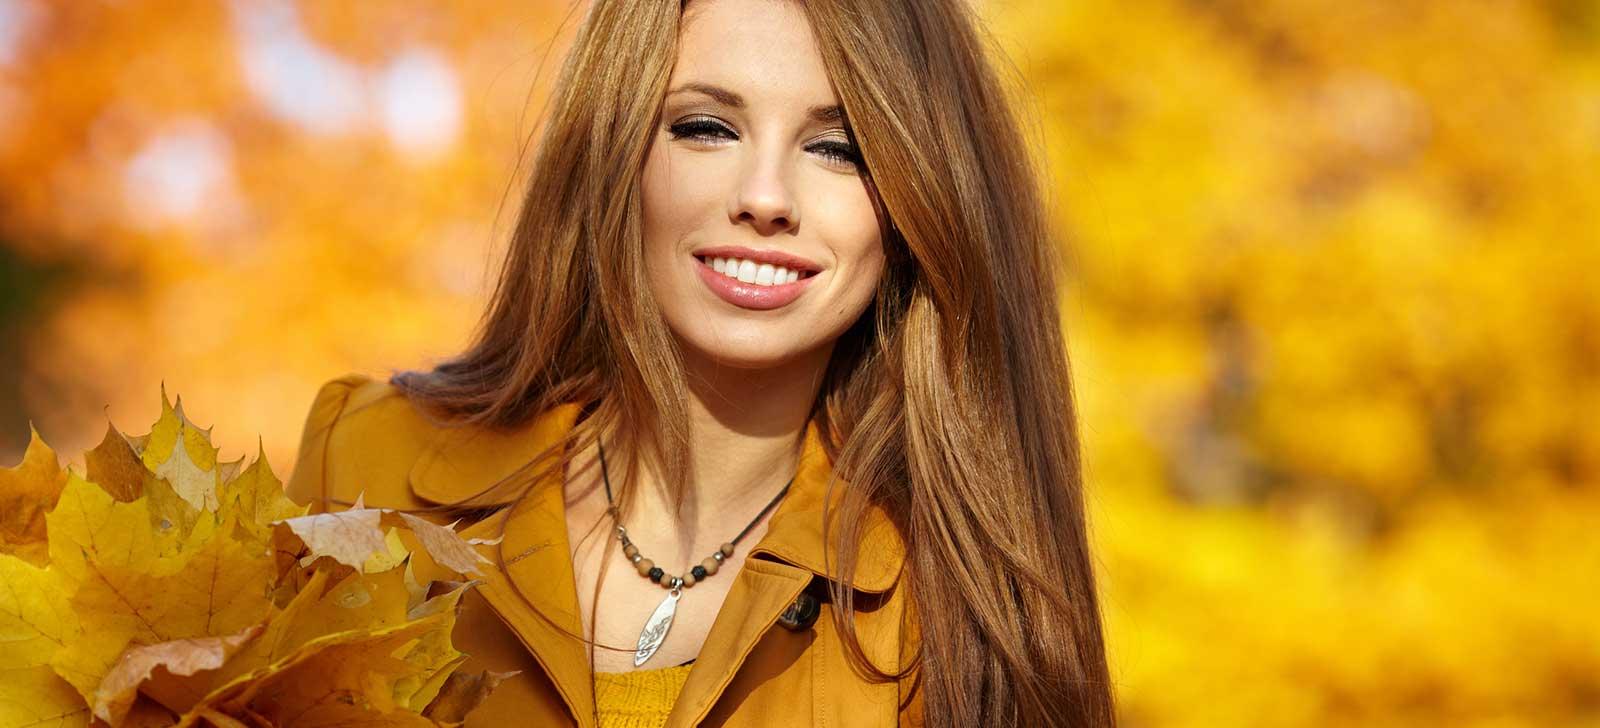 Chic la Vie Fall Facial Specials Summerlin Las Vegas